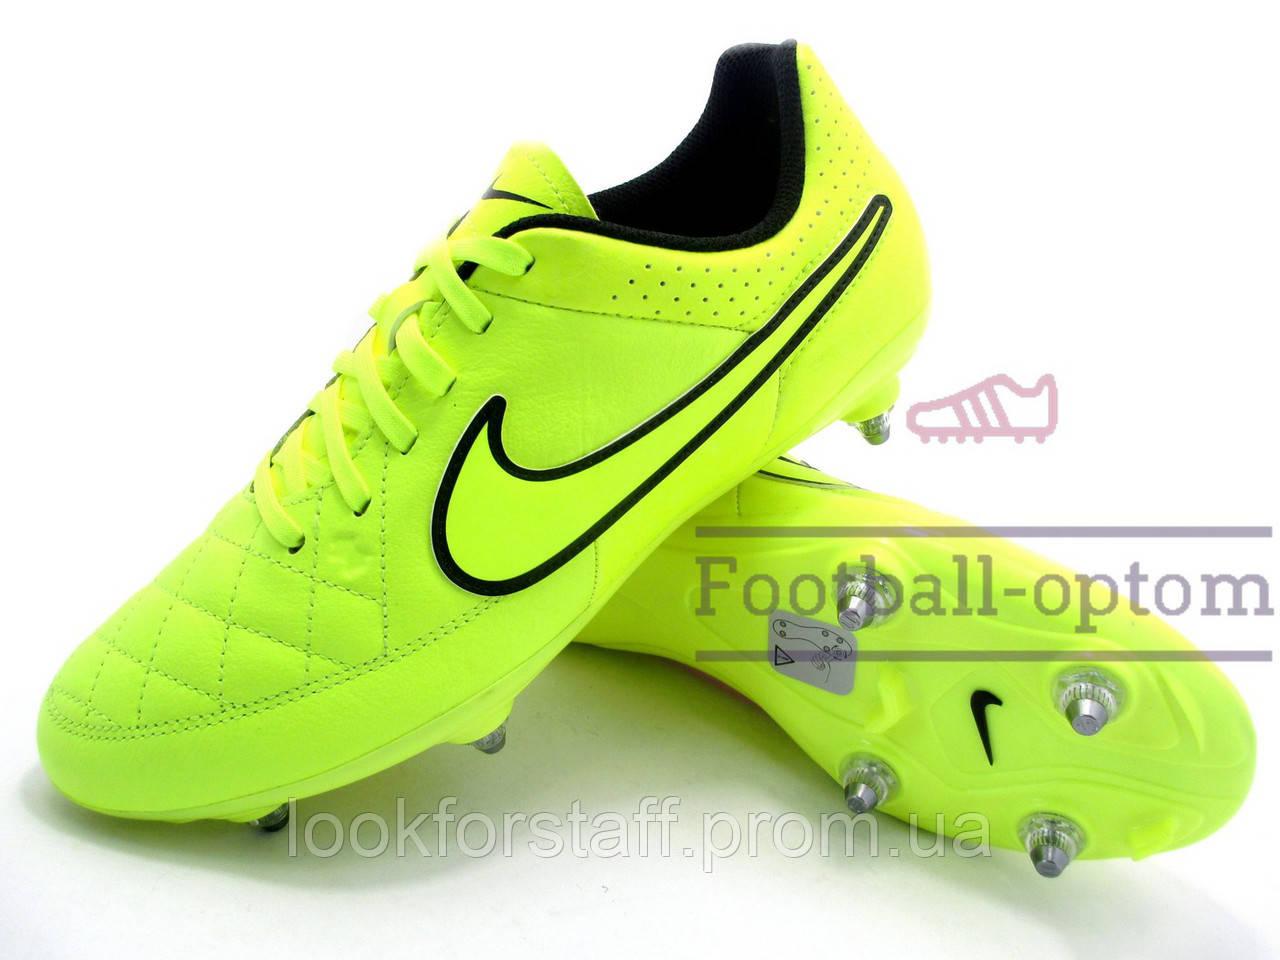 Футбольные бутсы (копы) найк, Nike Tiempo , цена 1 705 грн., купить ... efef2fab13d